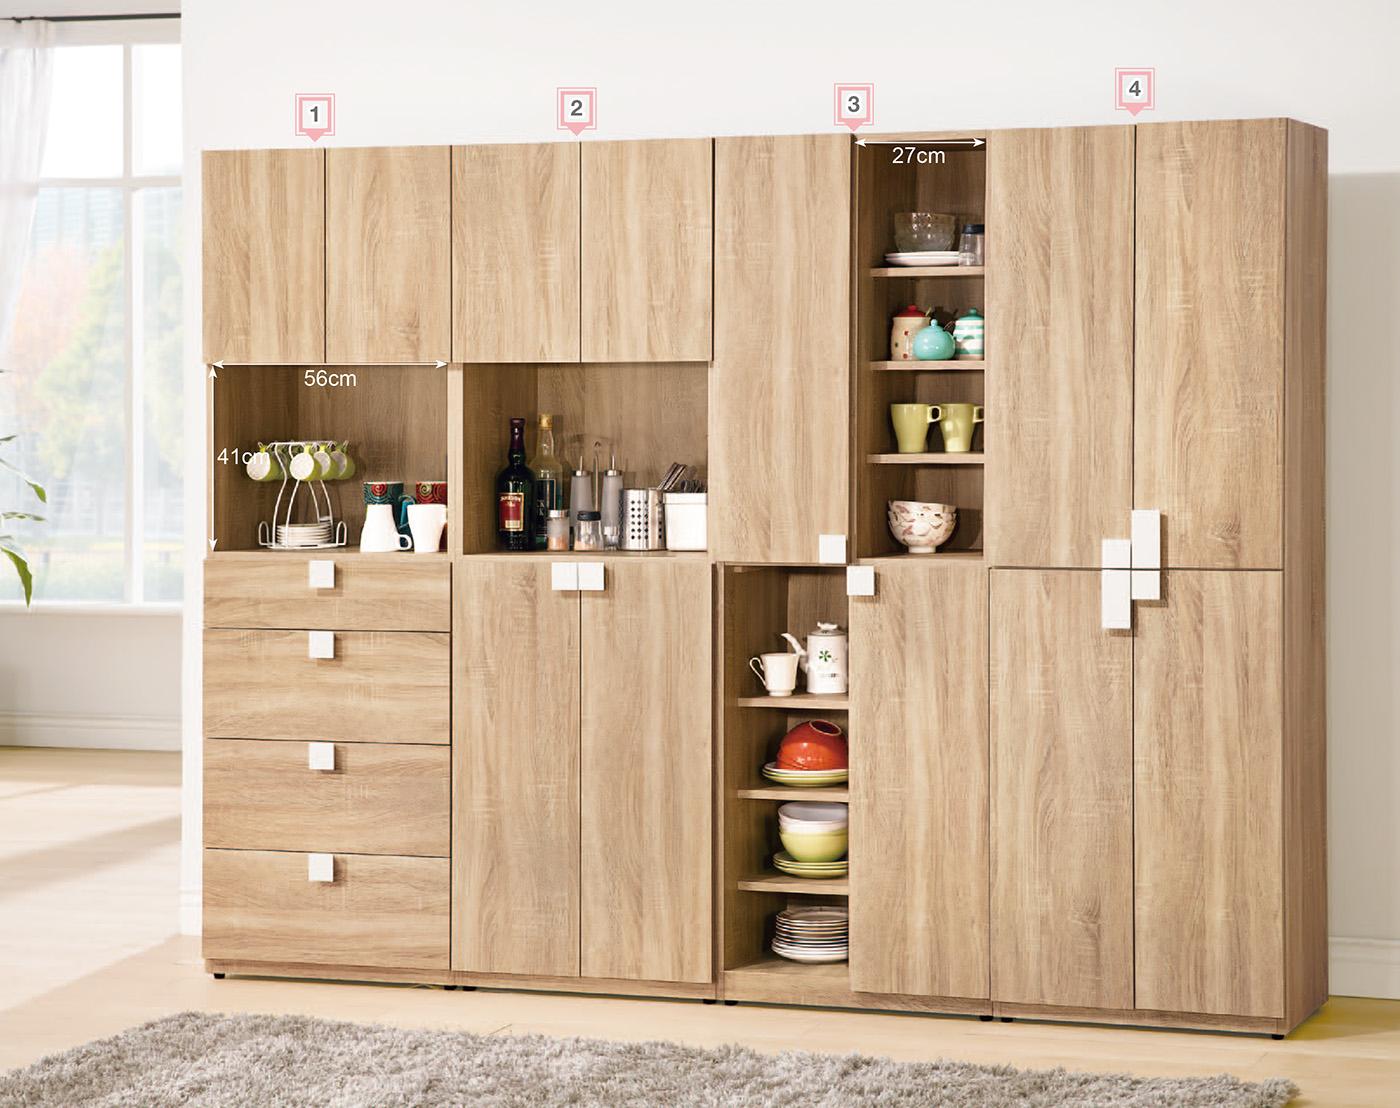 【森可家居】多莉絲8尺組合鞋櫃(全組) 6ZX767-2 客廳收納 餐廳廚房櫃 木紋質感 北歐 無印風